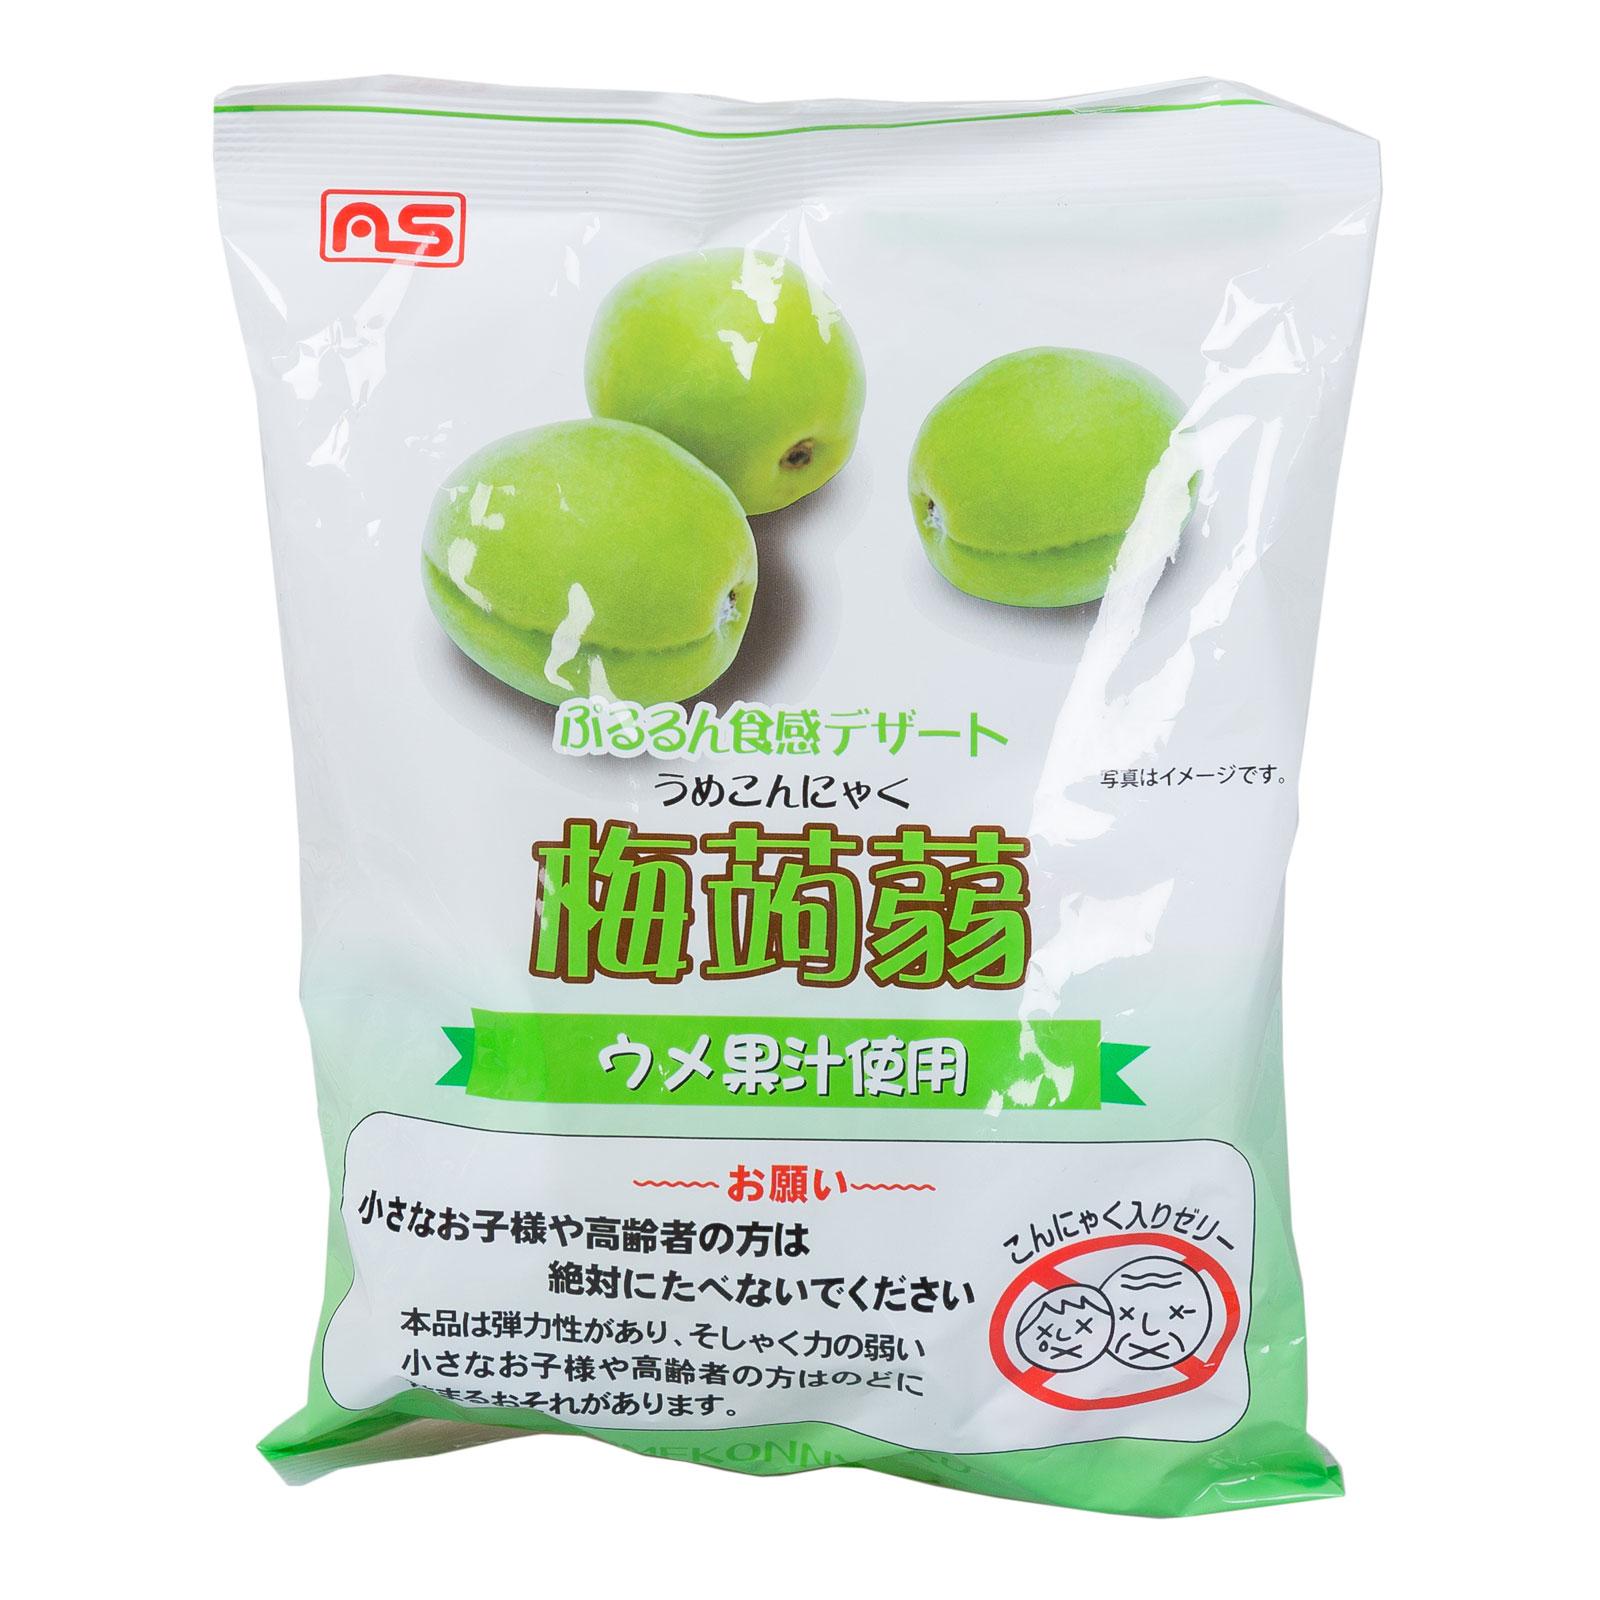 Желе AS Foods конняку 213 гр Японская слива 9 порций (с 3 лет )<br>